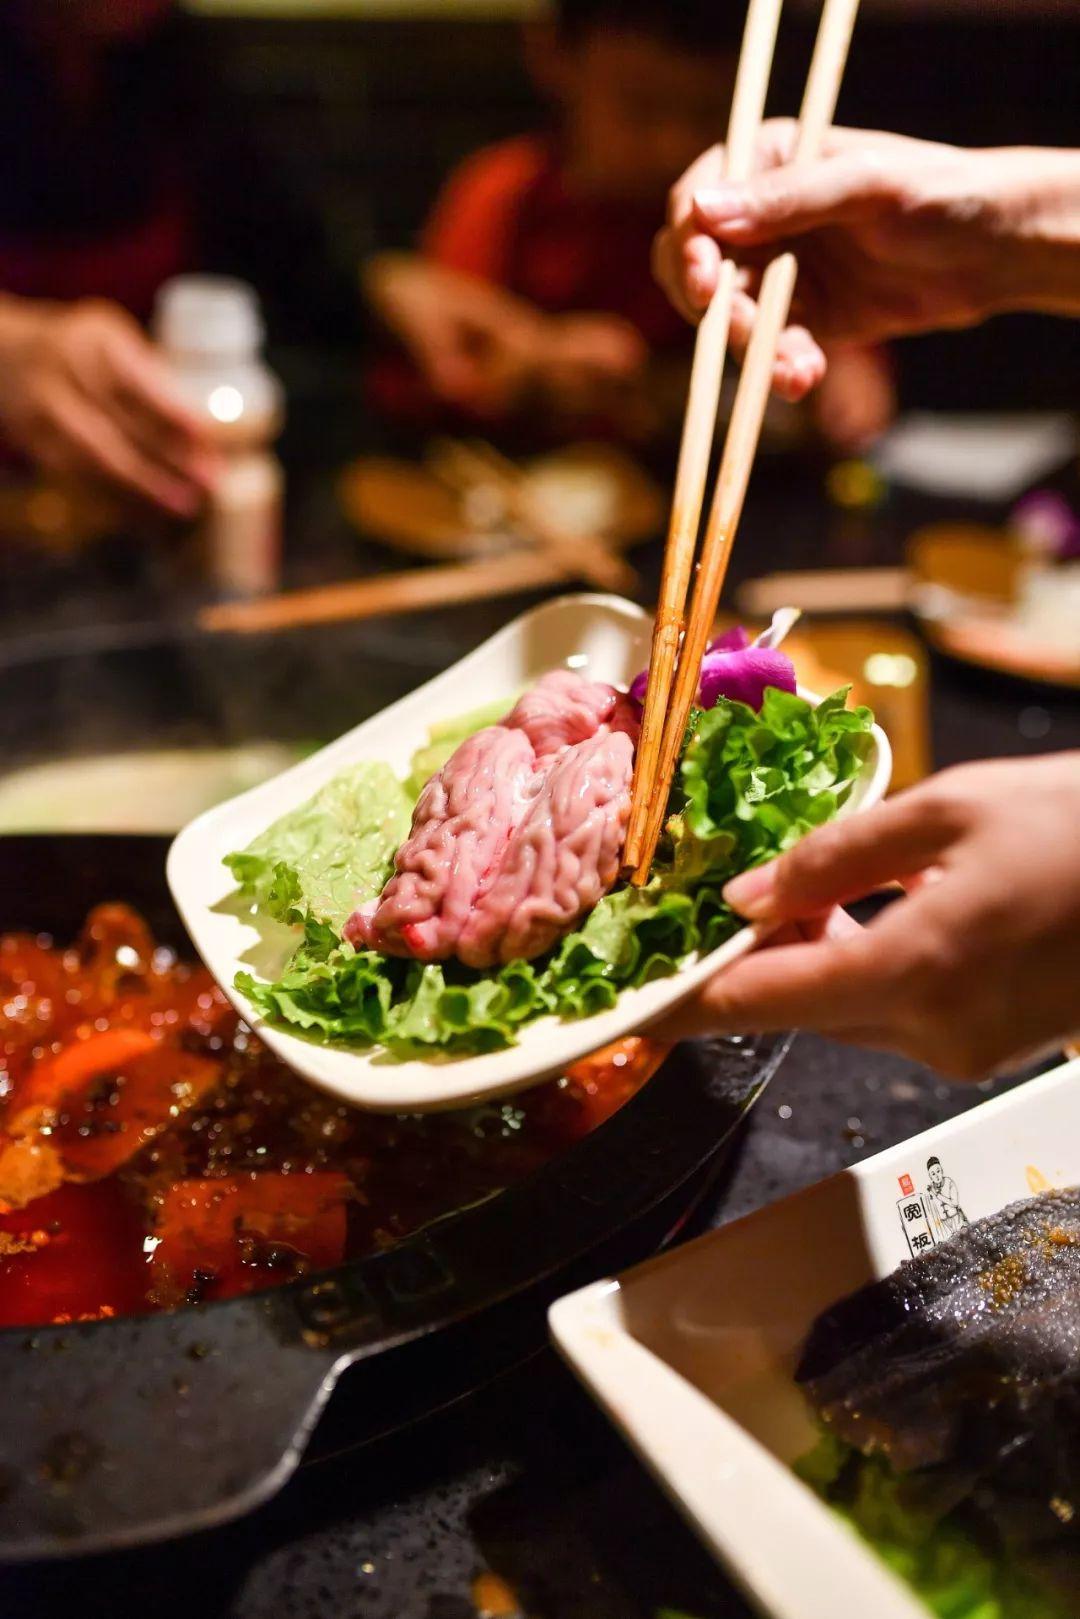 中国到底哪里的猪肉最好吃?